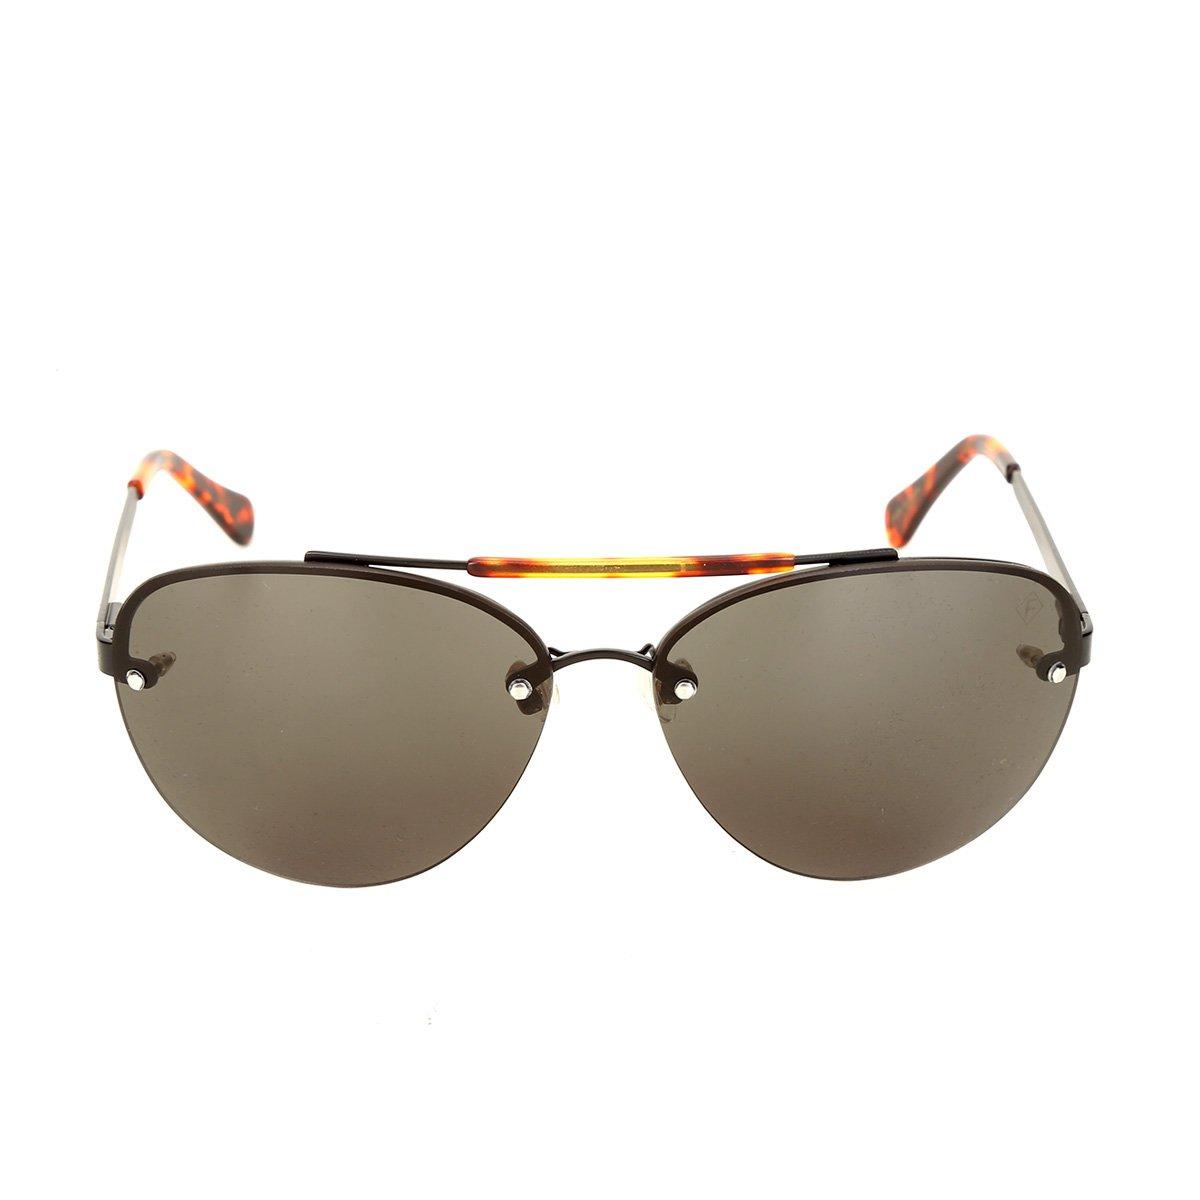 Óculos de Sol Forum Tartaruga Masculino - Preto - Compre Agora   Zattini 4542ad751d